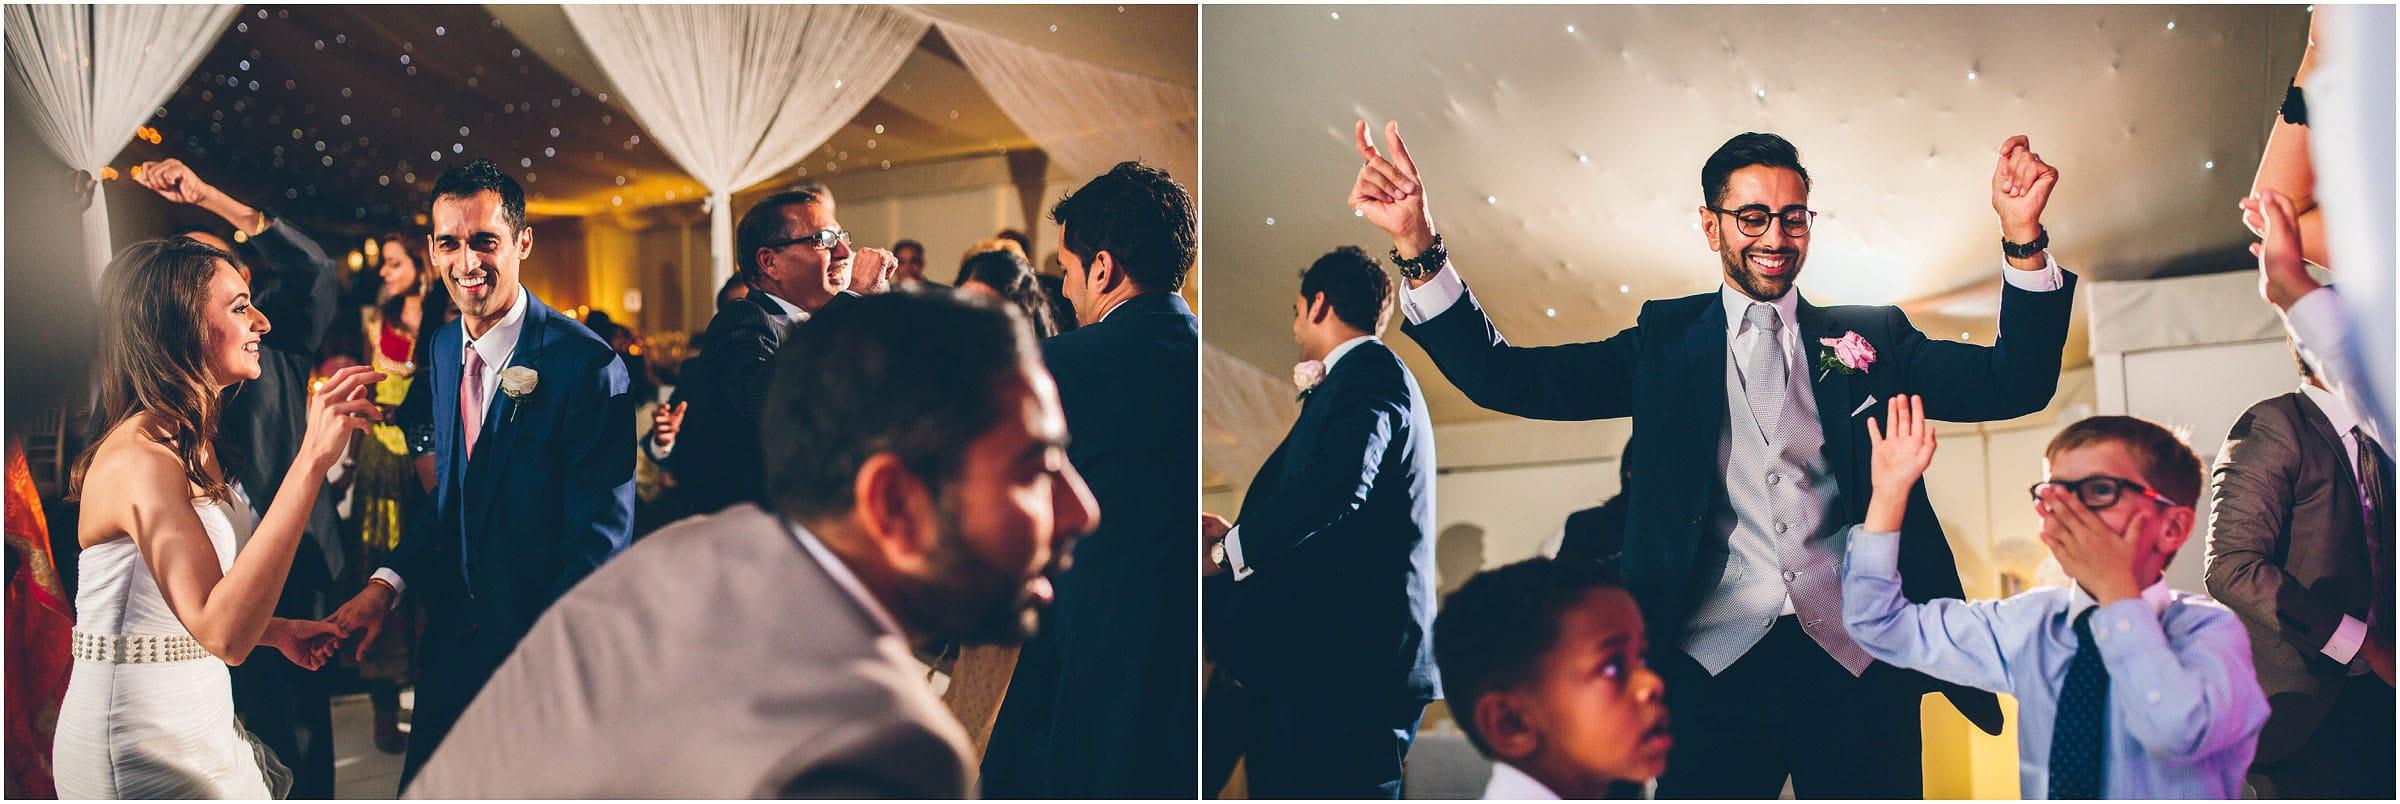 indian_wedding_0100